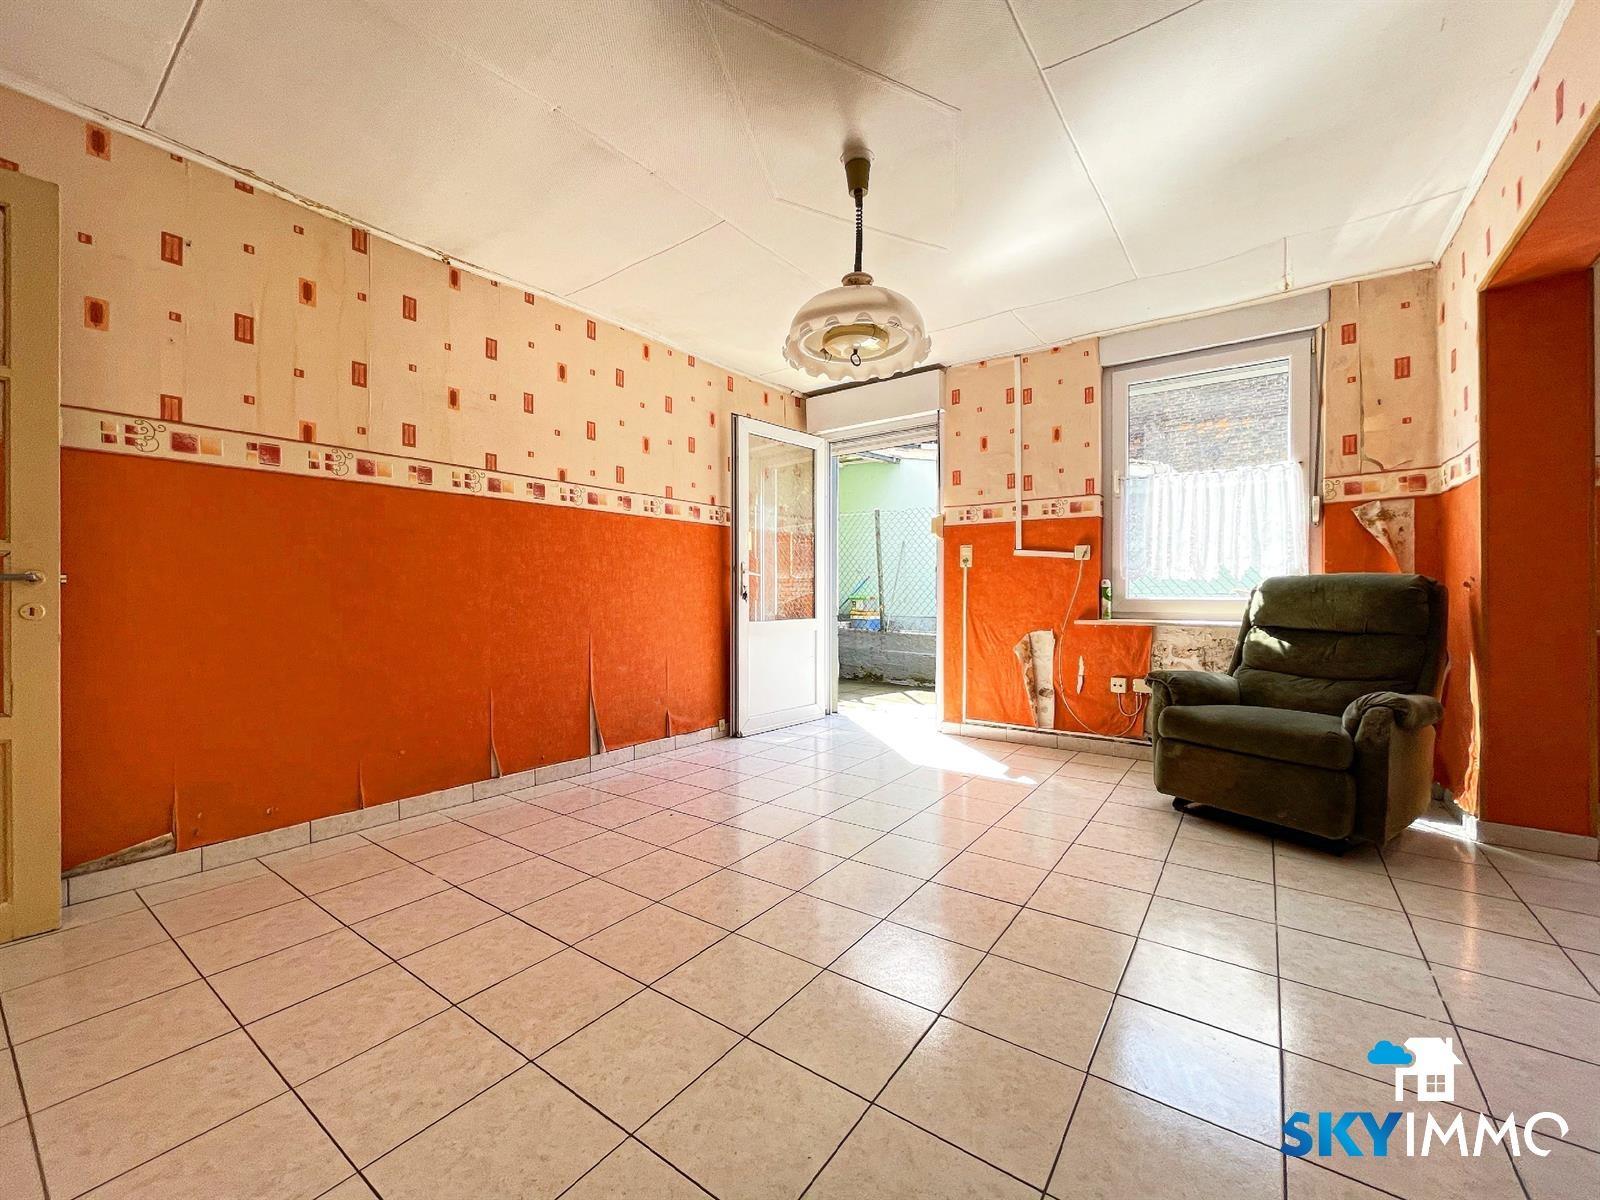 Maison - Seraing - #4381541-3